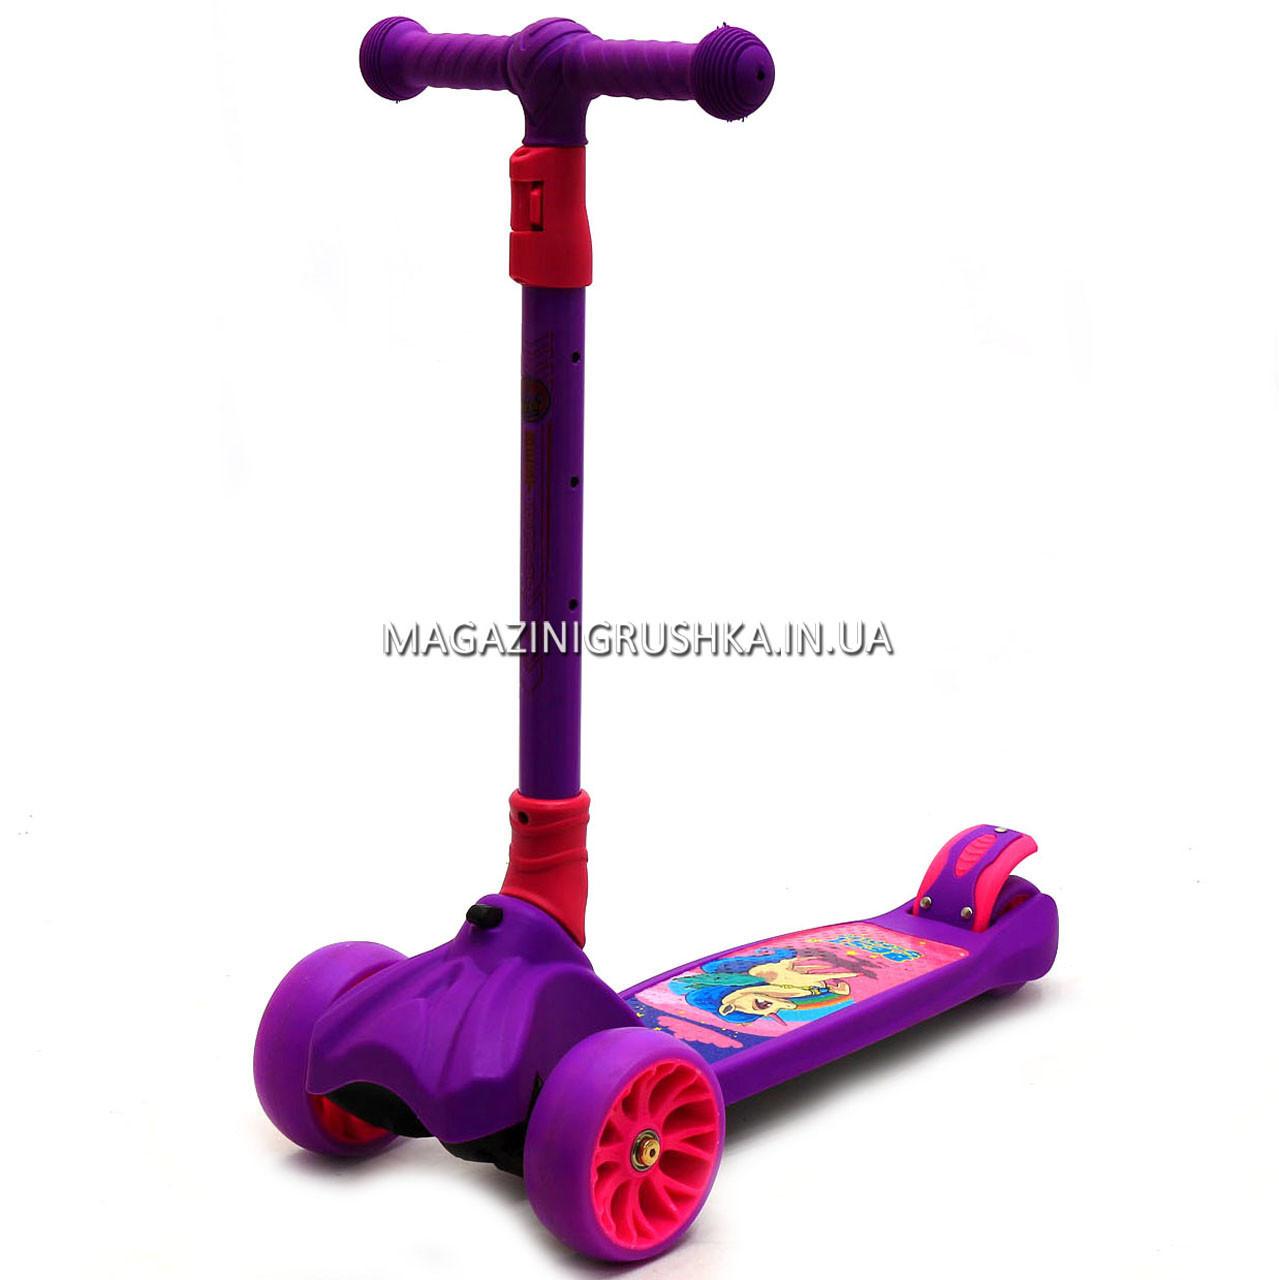 Самокат трехколесный детский 13440 Best Scooter (ПУ колеса, тихие, светящиеся, складывающаяся конструкция)